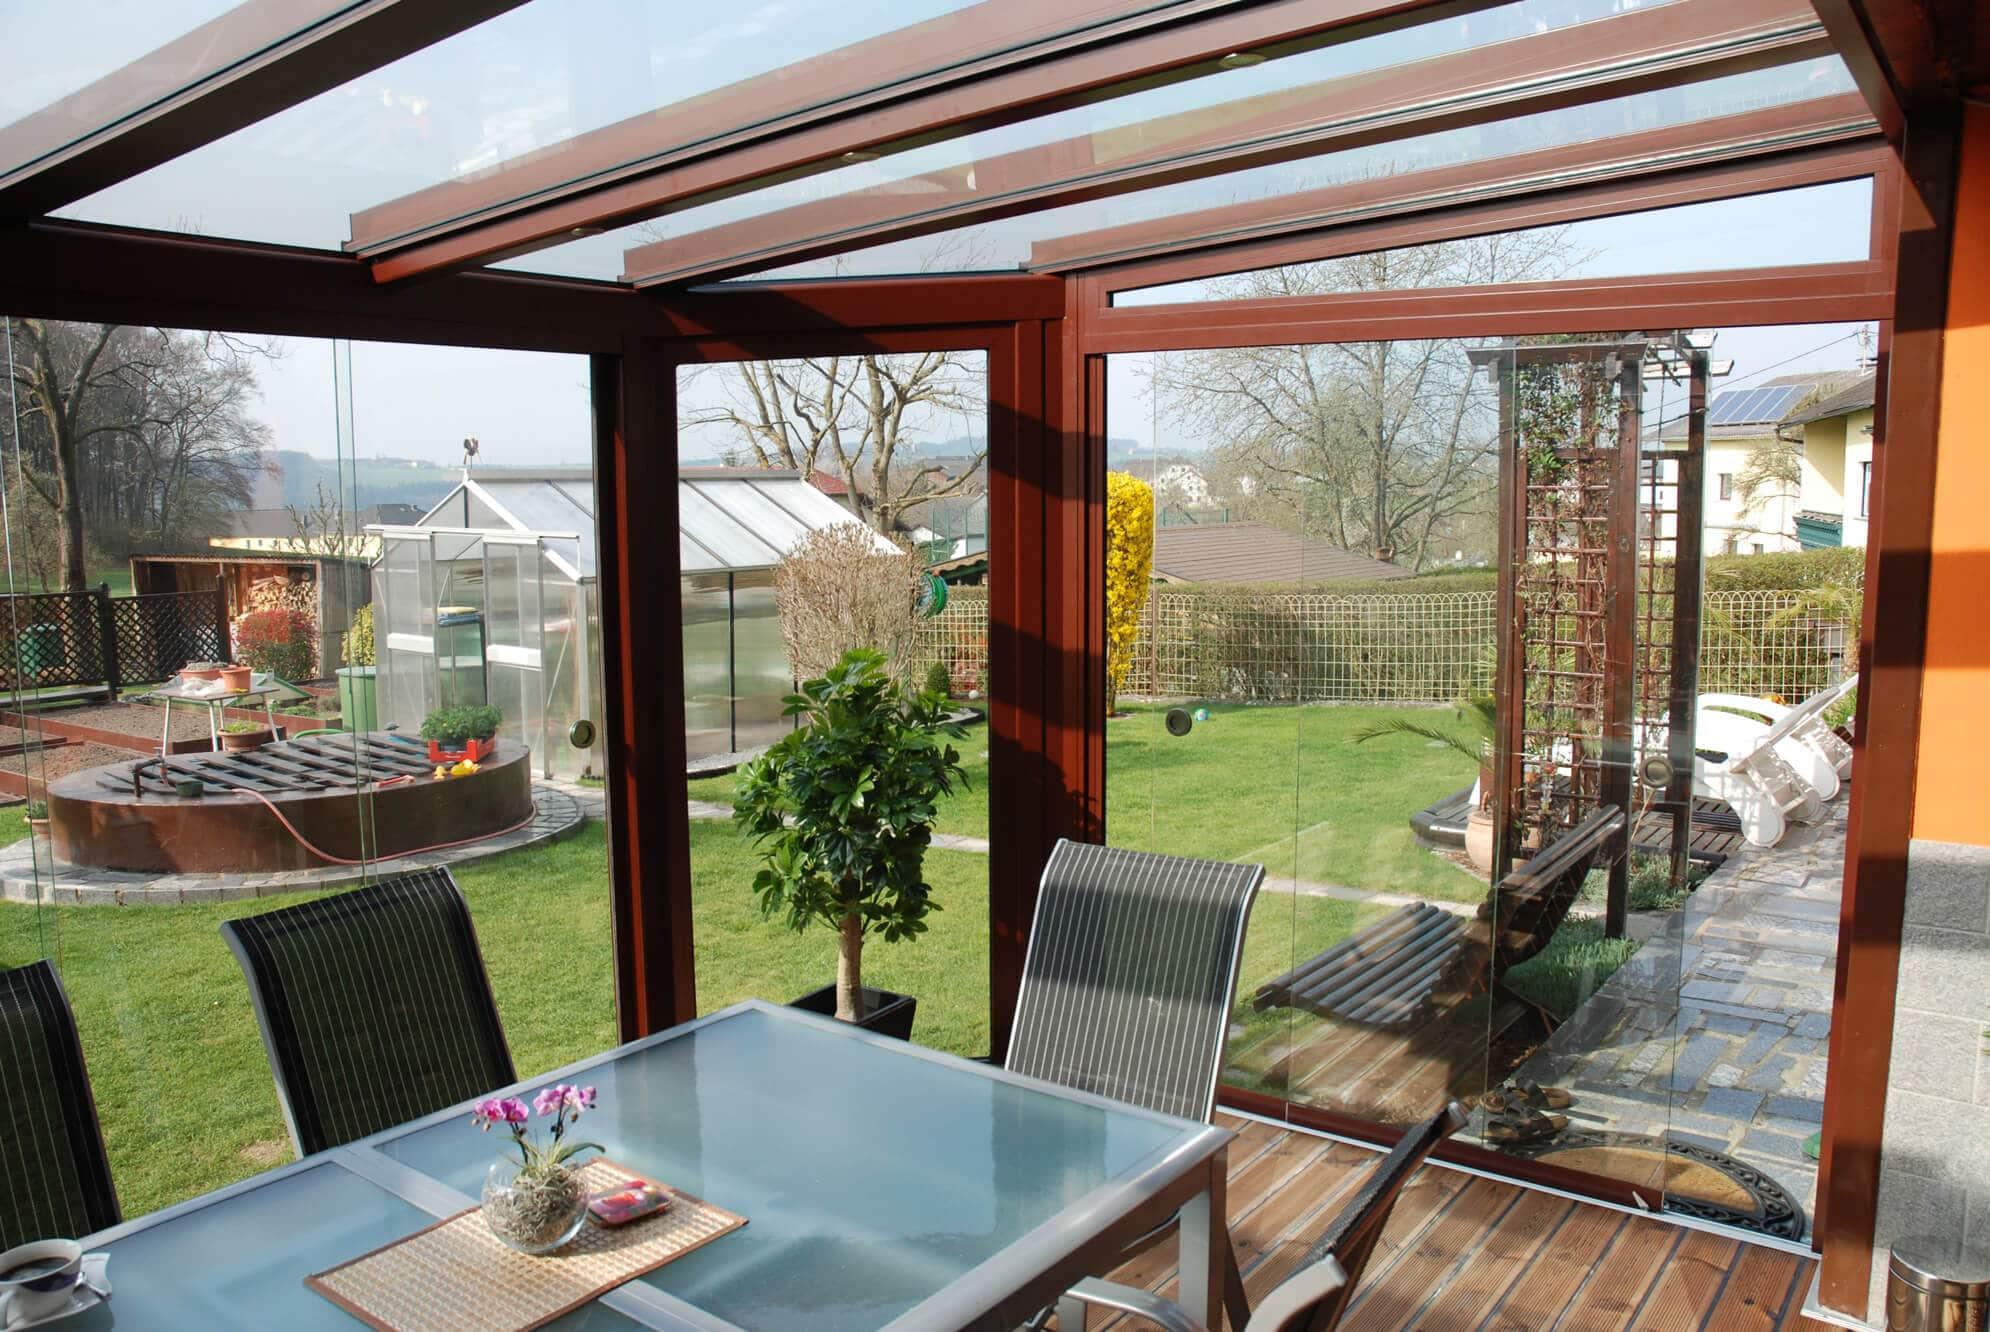 Sommergarten Pultdach Glasschiebetüren